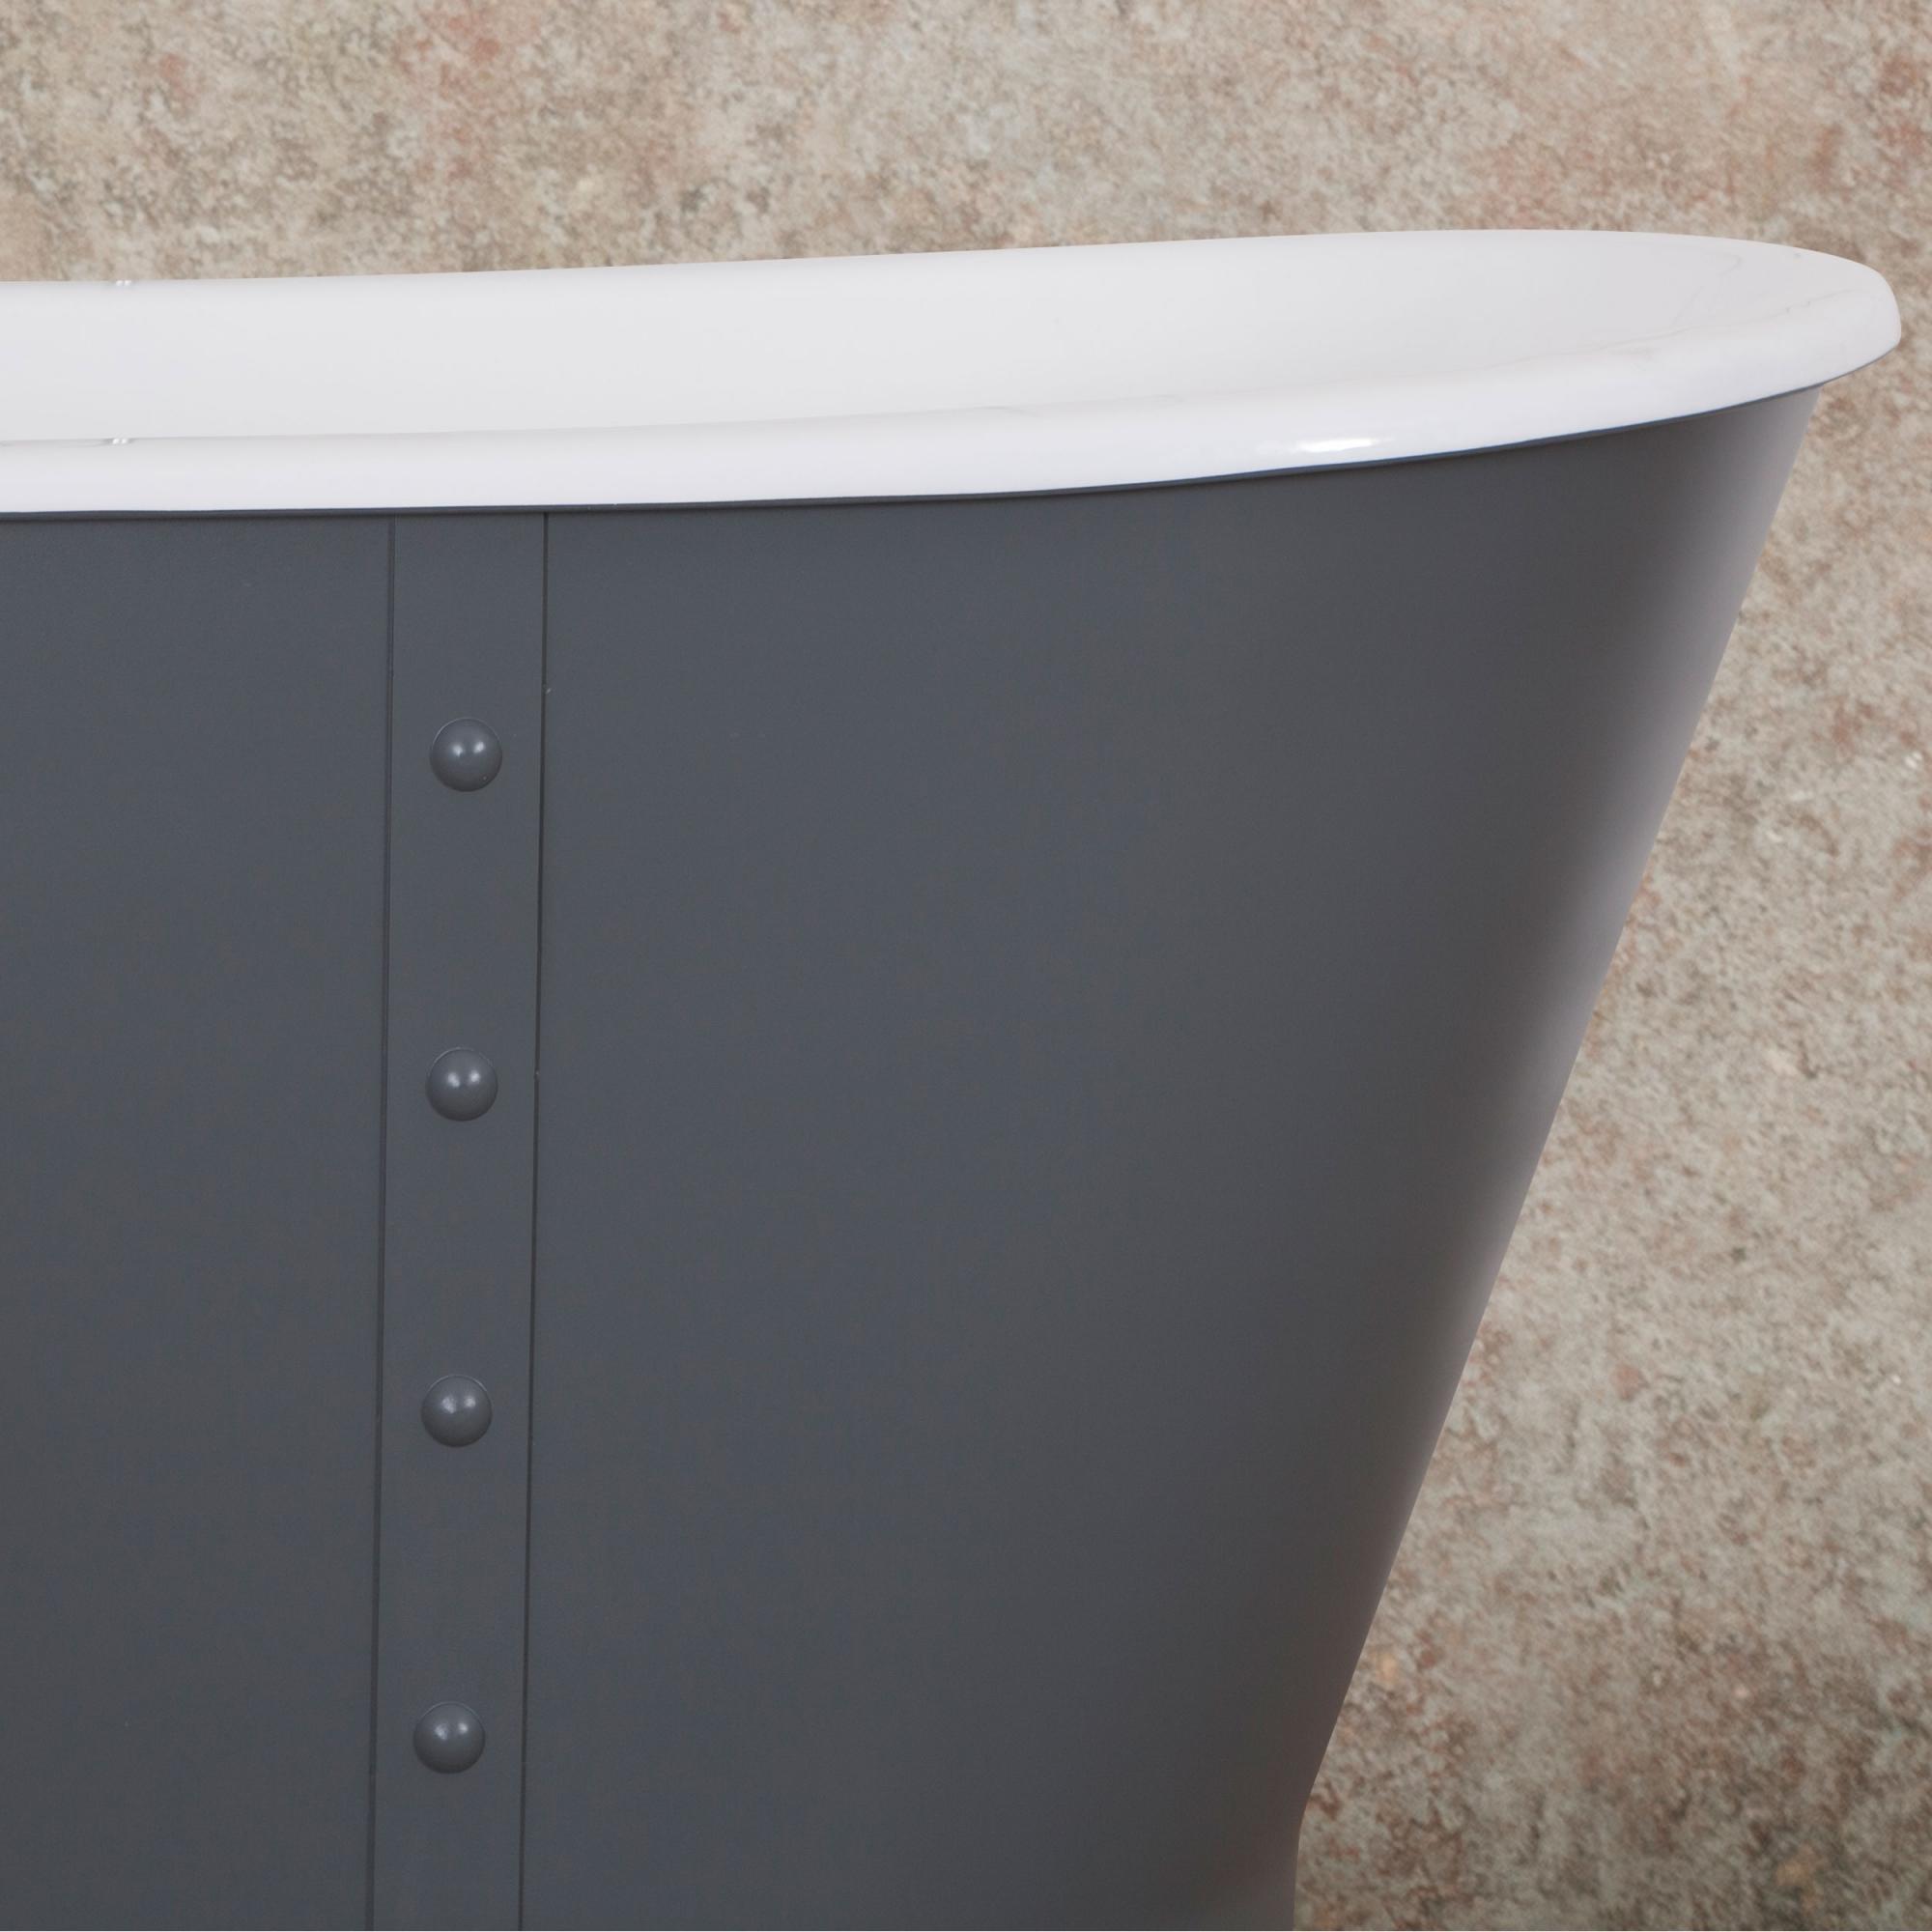 Jig Sudbury Cast Iron Roll Top Bath 1700mm L x 715mm W - 0 Tap Hole-0